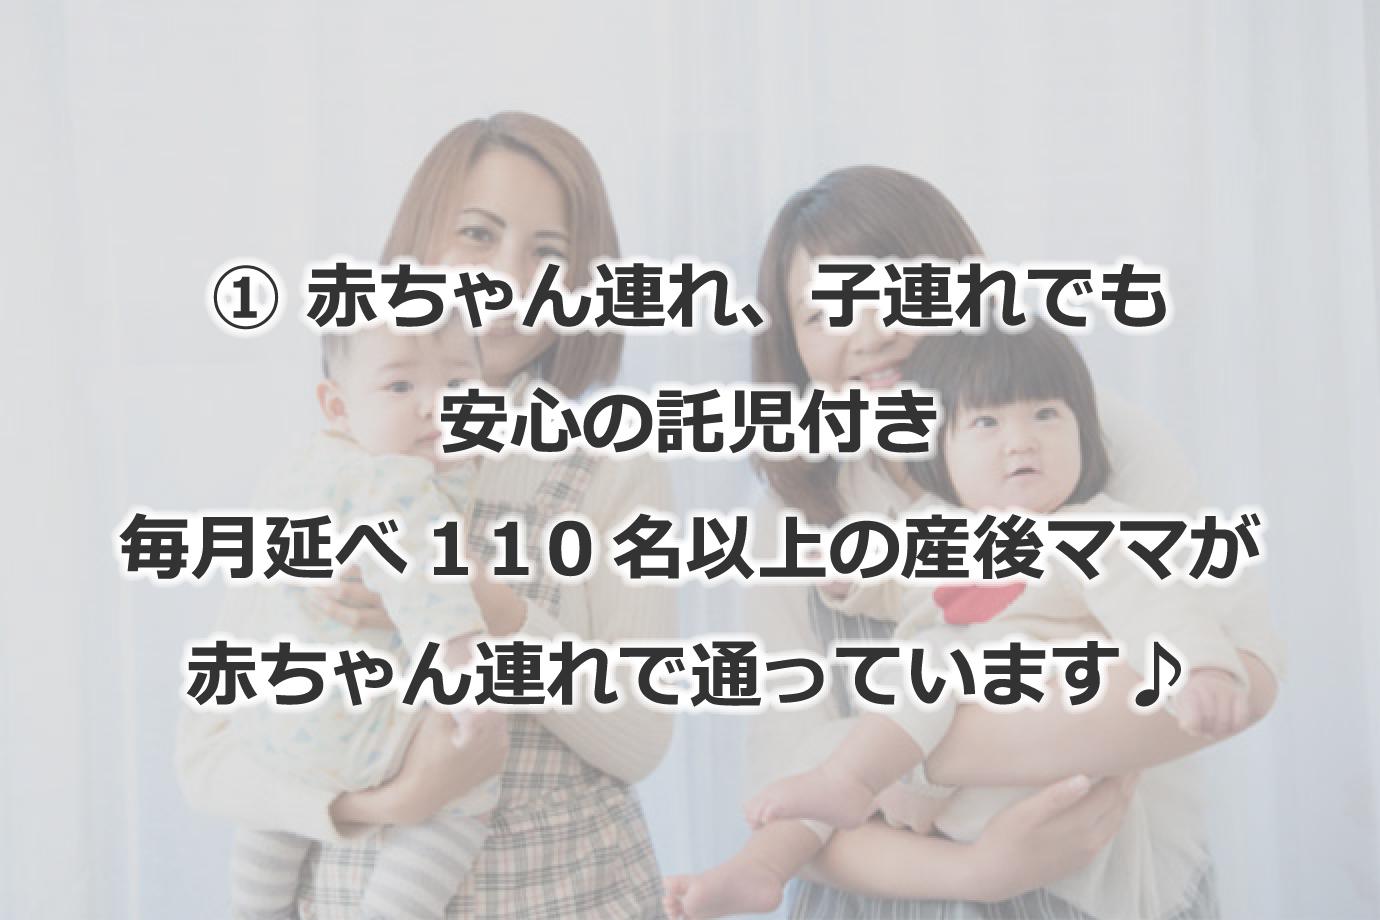 ①赤ちゃん連れ、子連れでも安心の託児付き 毎月延べ110名以上の産後ママが赤ちゃん連れで通っています♪